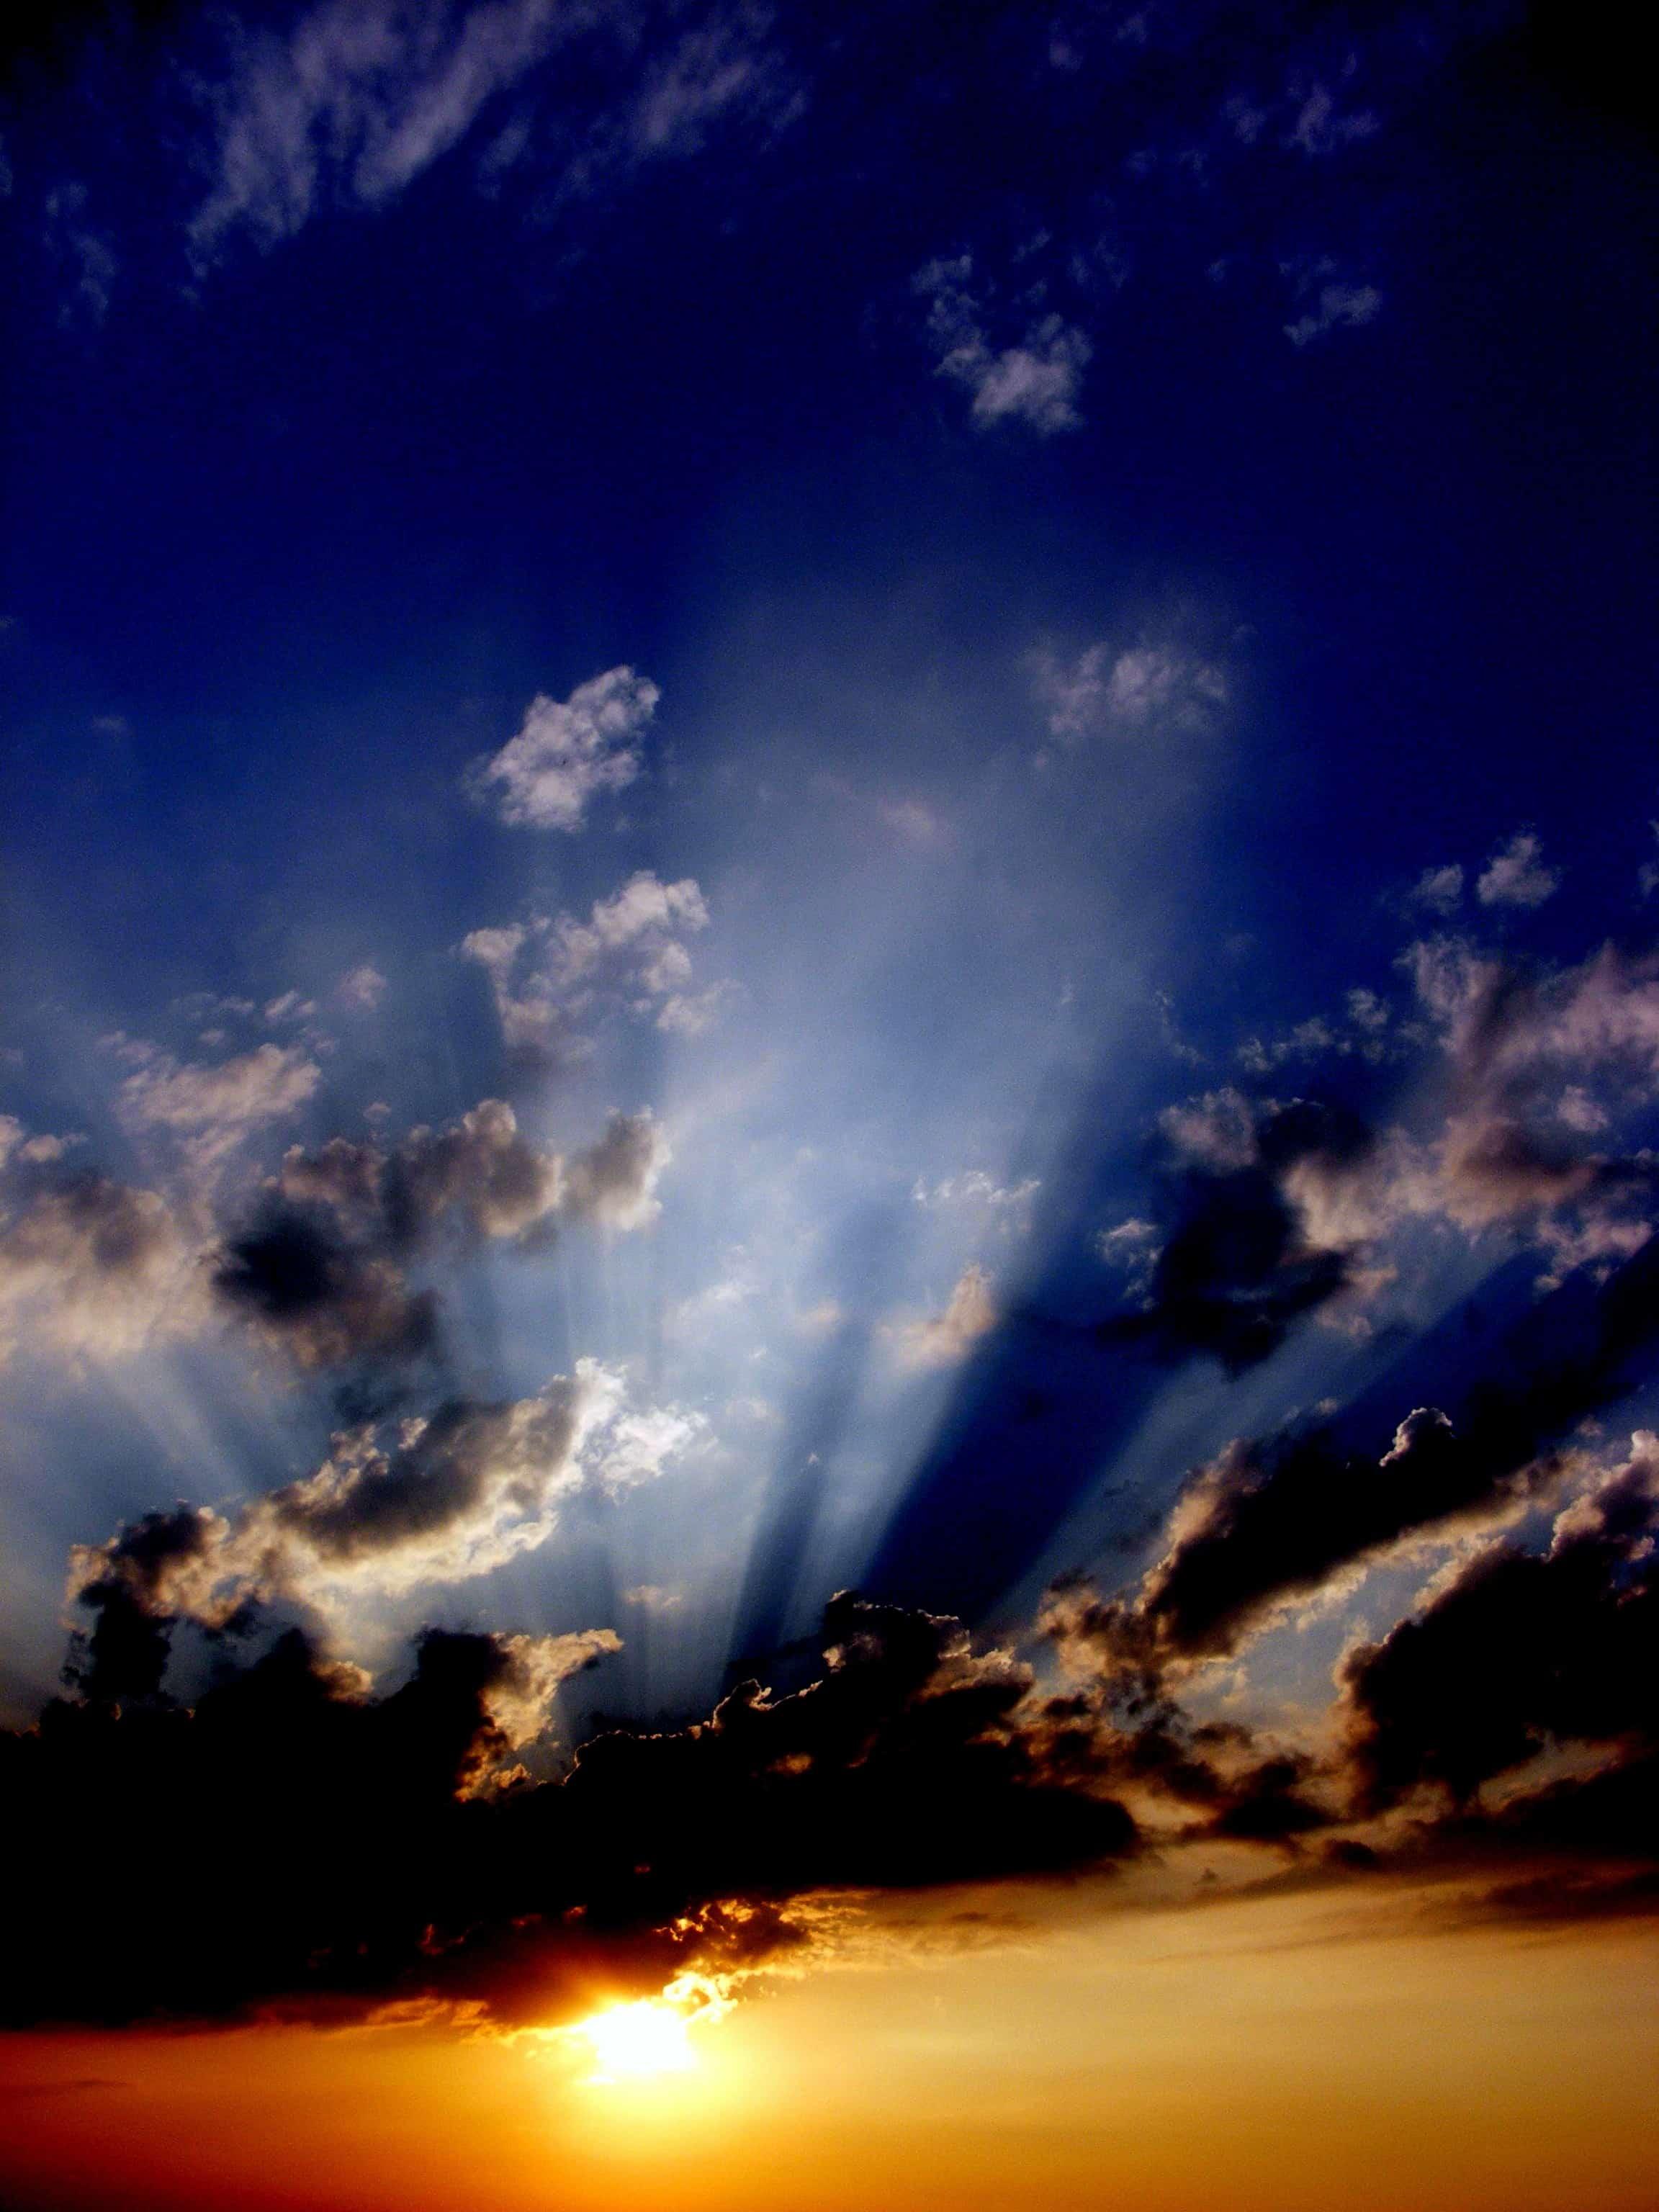 雲に射し込む日の光